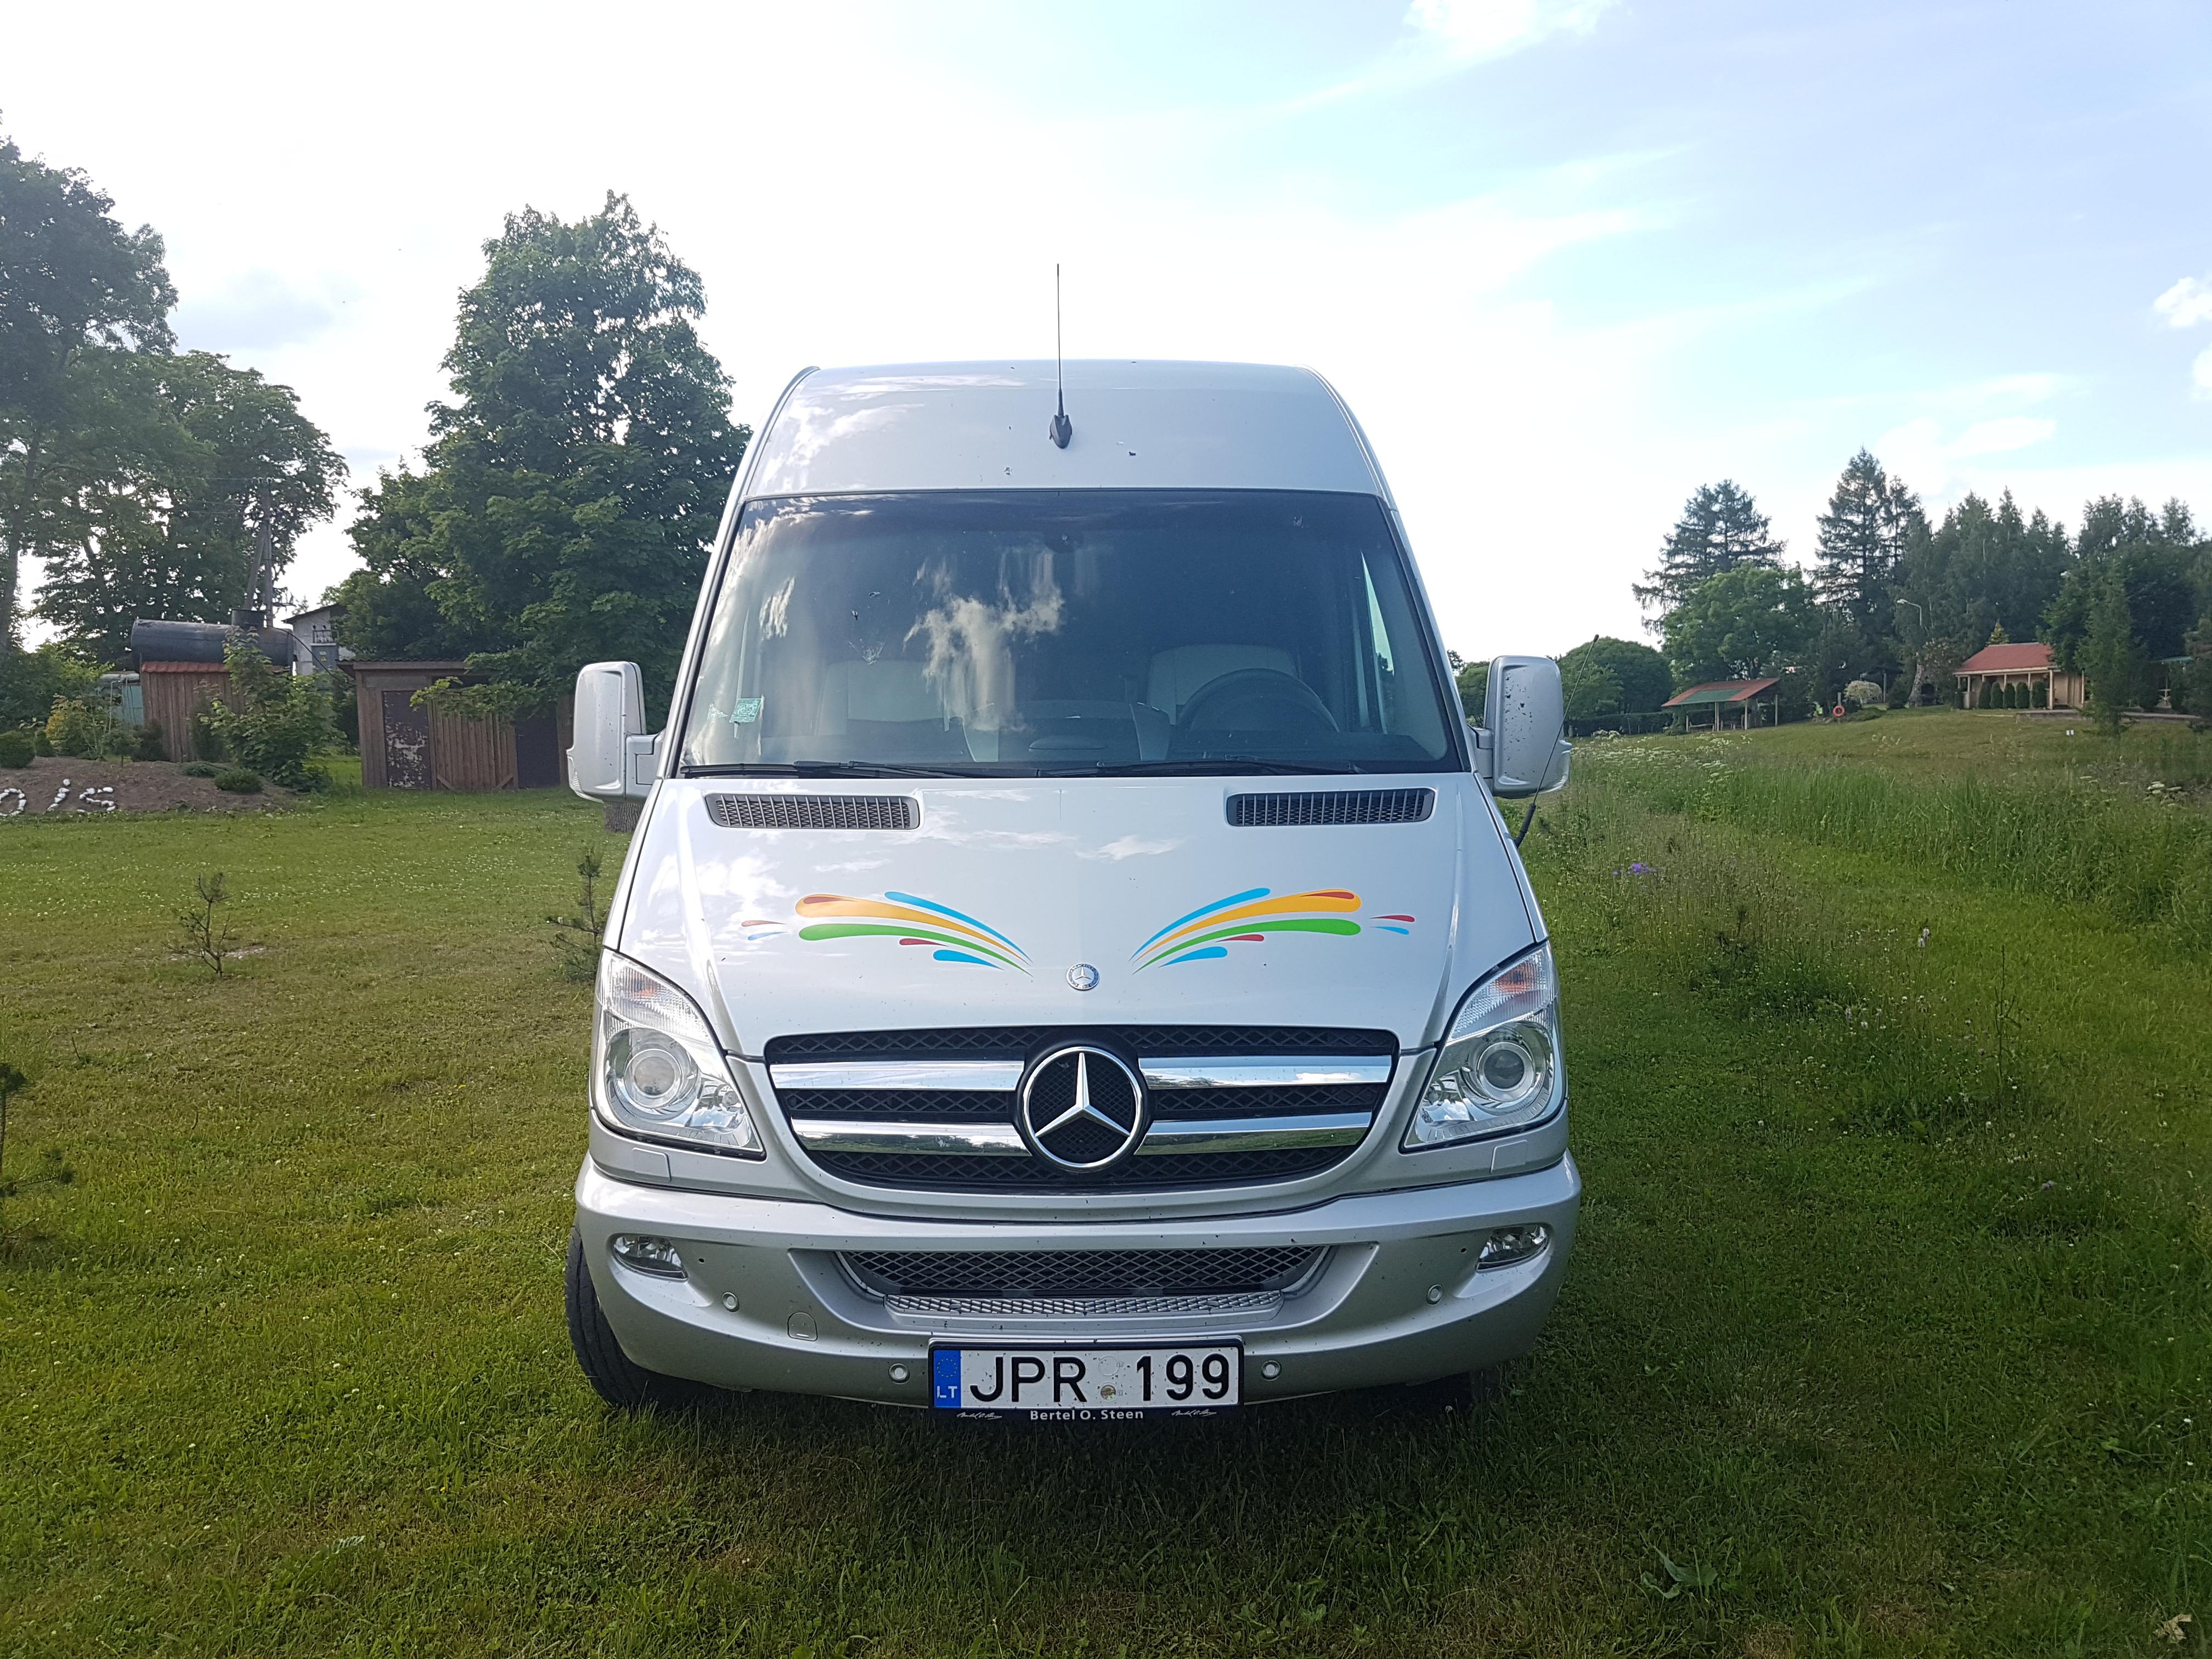 Mikroautobuso nuomos paslauga,  Mes Jums galime pasiūlyti mikroautobusų nuomos paslaugas nuo 9 iki 21 sėdimos vietos. Mikroautobusų nuoma tai viena iš populiariausiu transporto nuomos paslaugų Vilniuje, Kaune, Klaipėdoje, Trakuose, Birštone, Anykščiuose ir kituose Lietuvos miesteliuose.